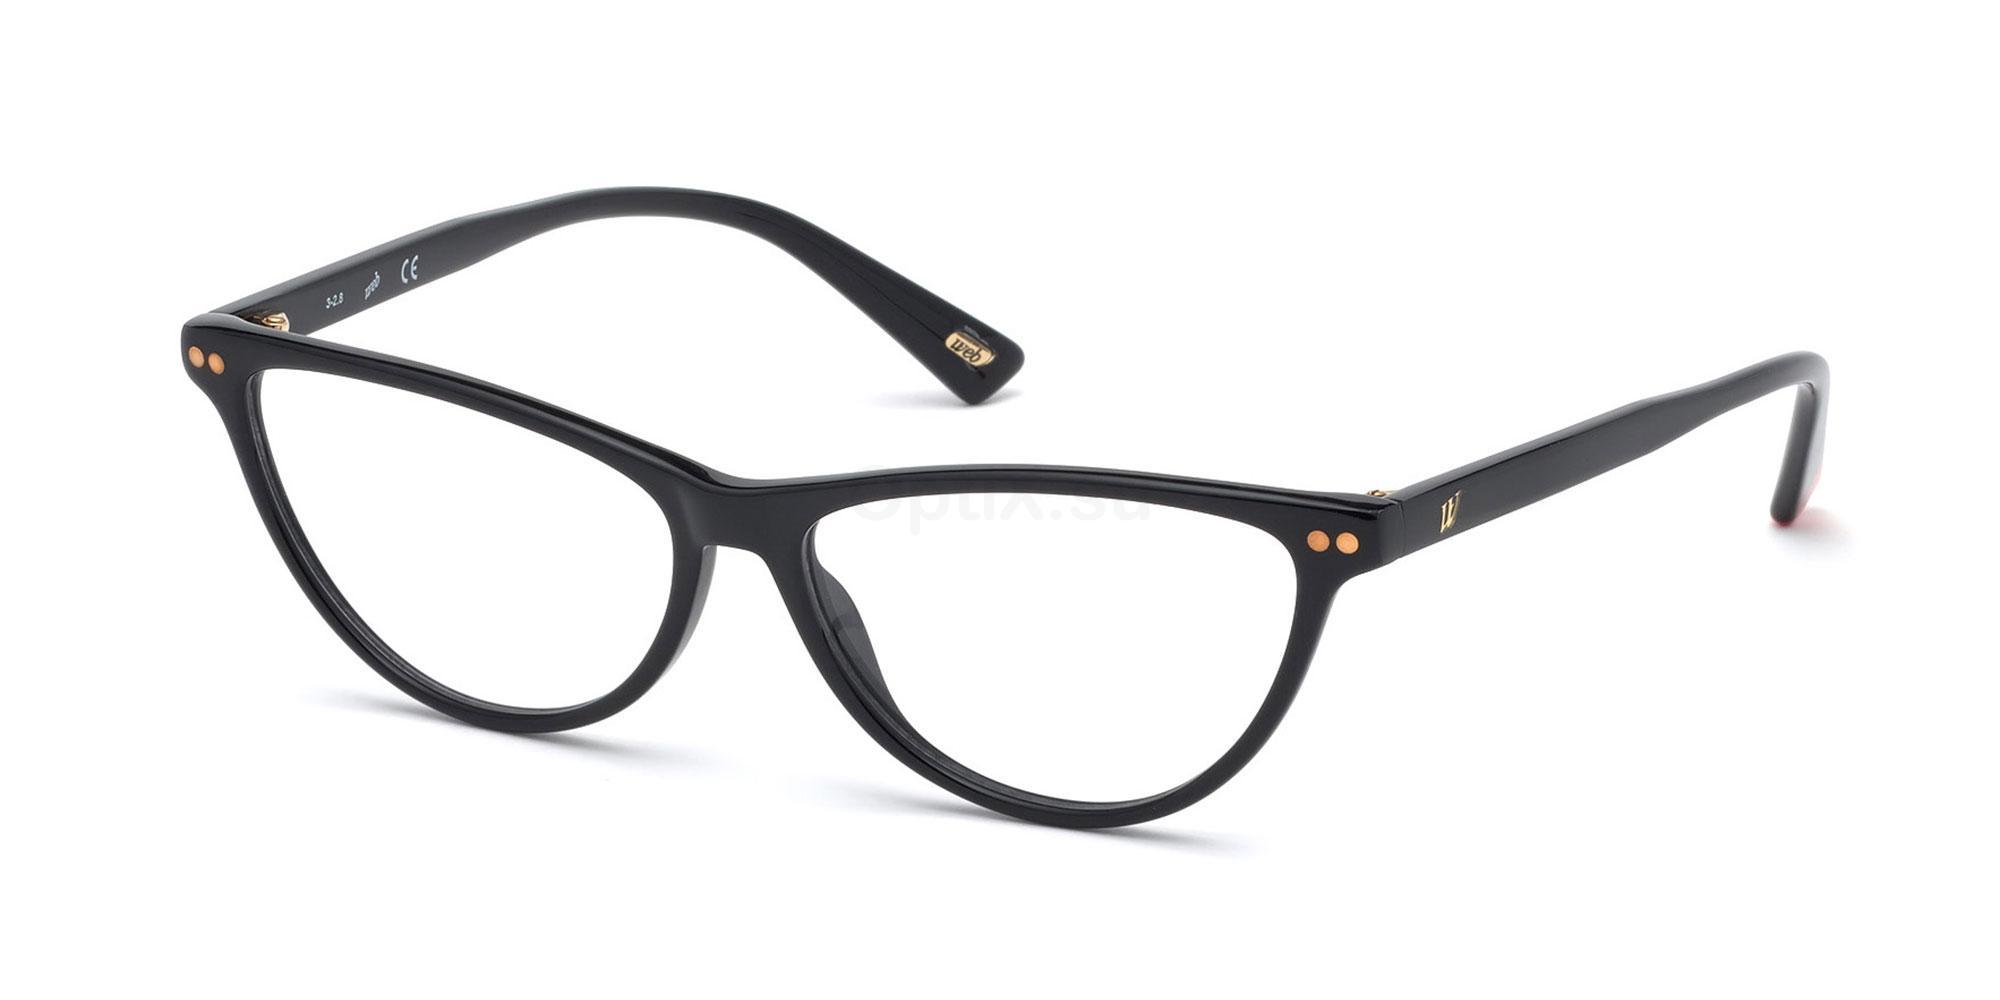 001 WE5305 Glasses, Web